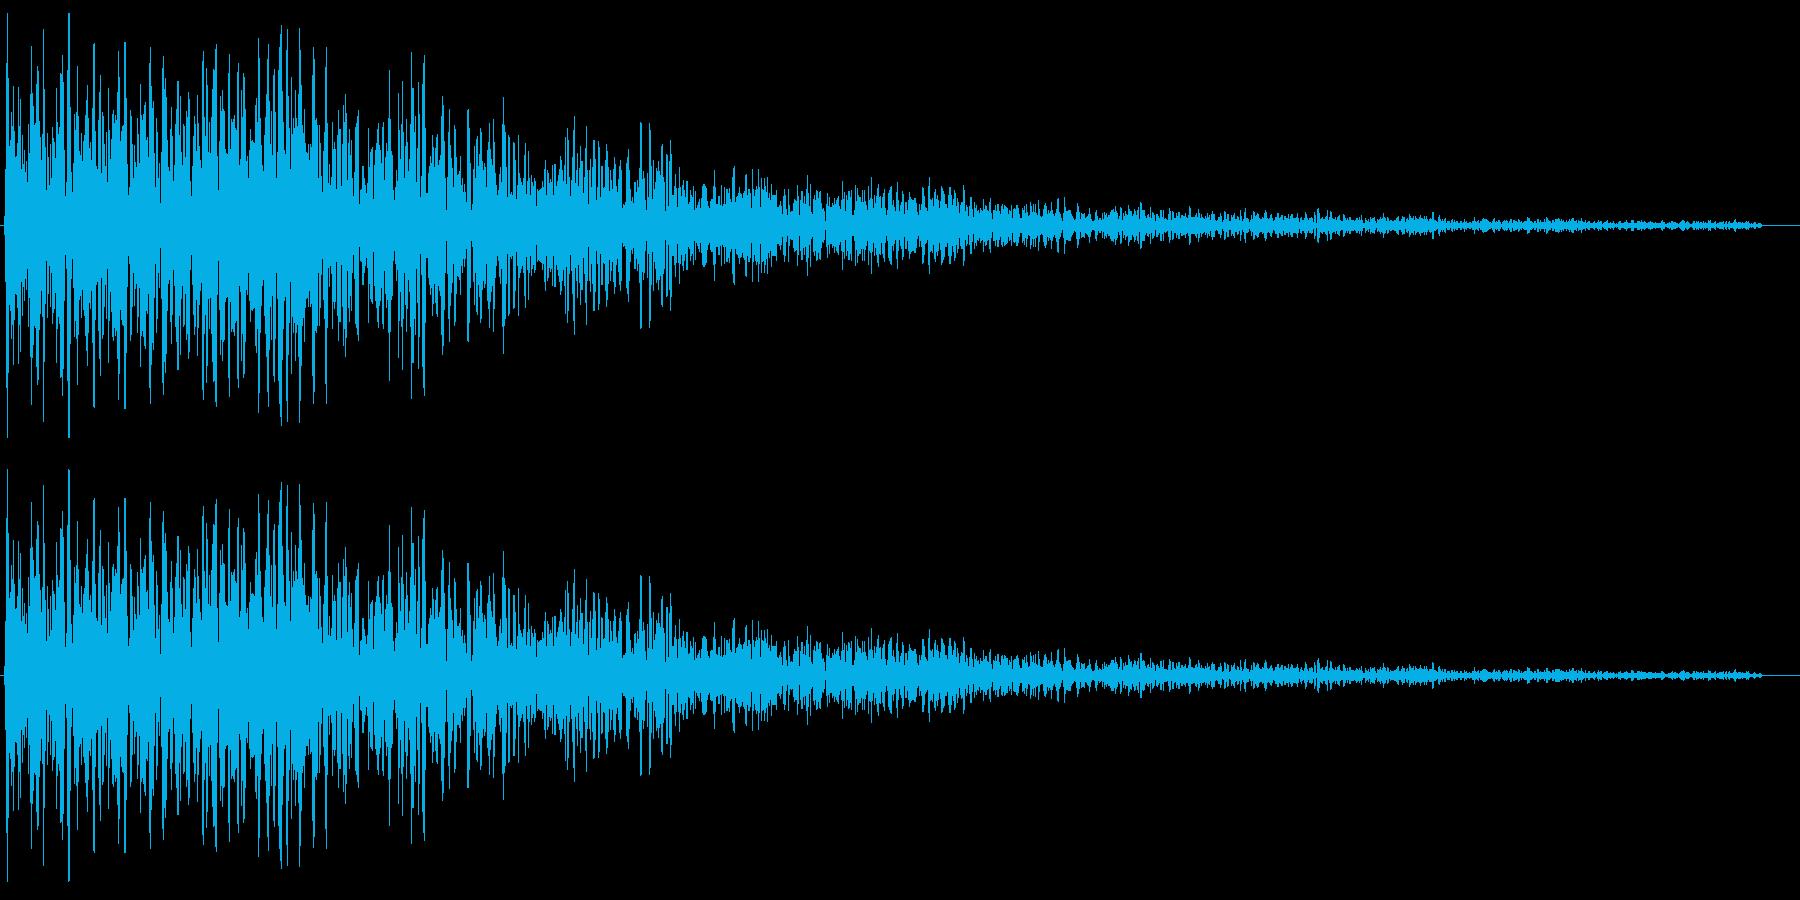 洞窟に響き渡る不吉な音の再生済みの波形